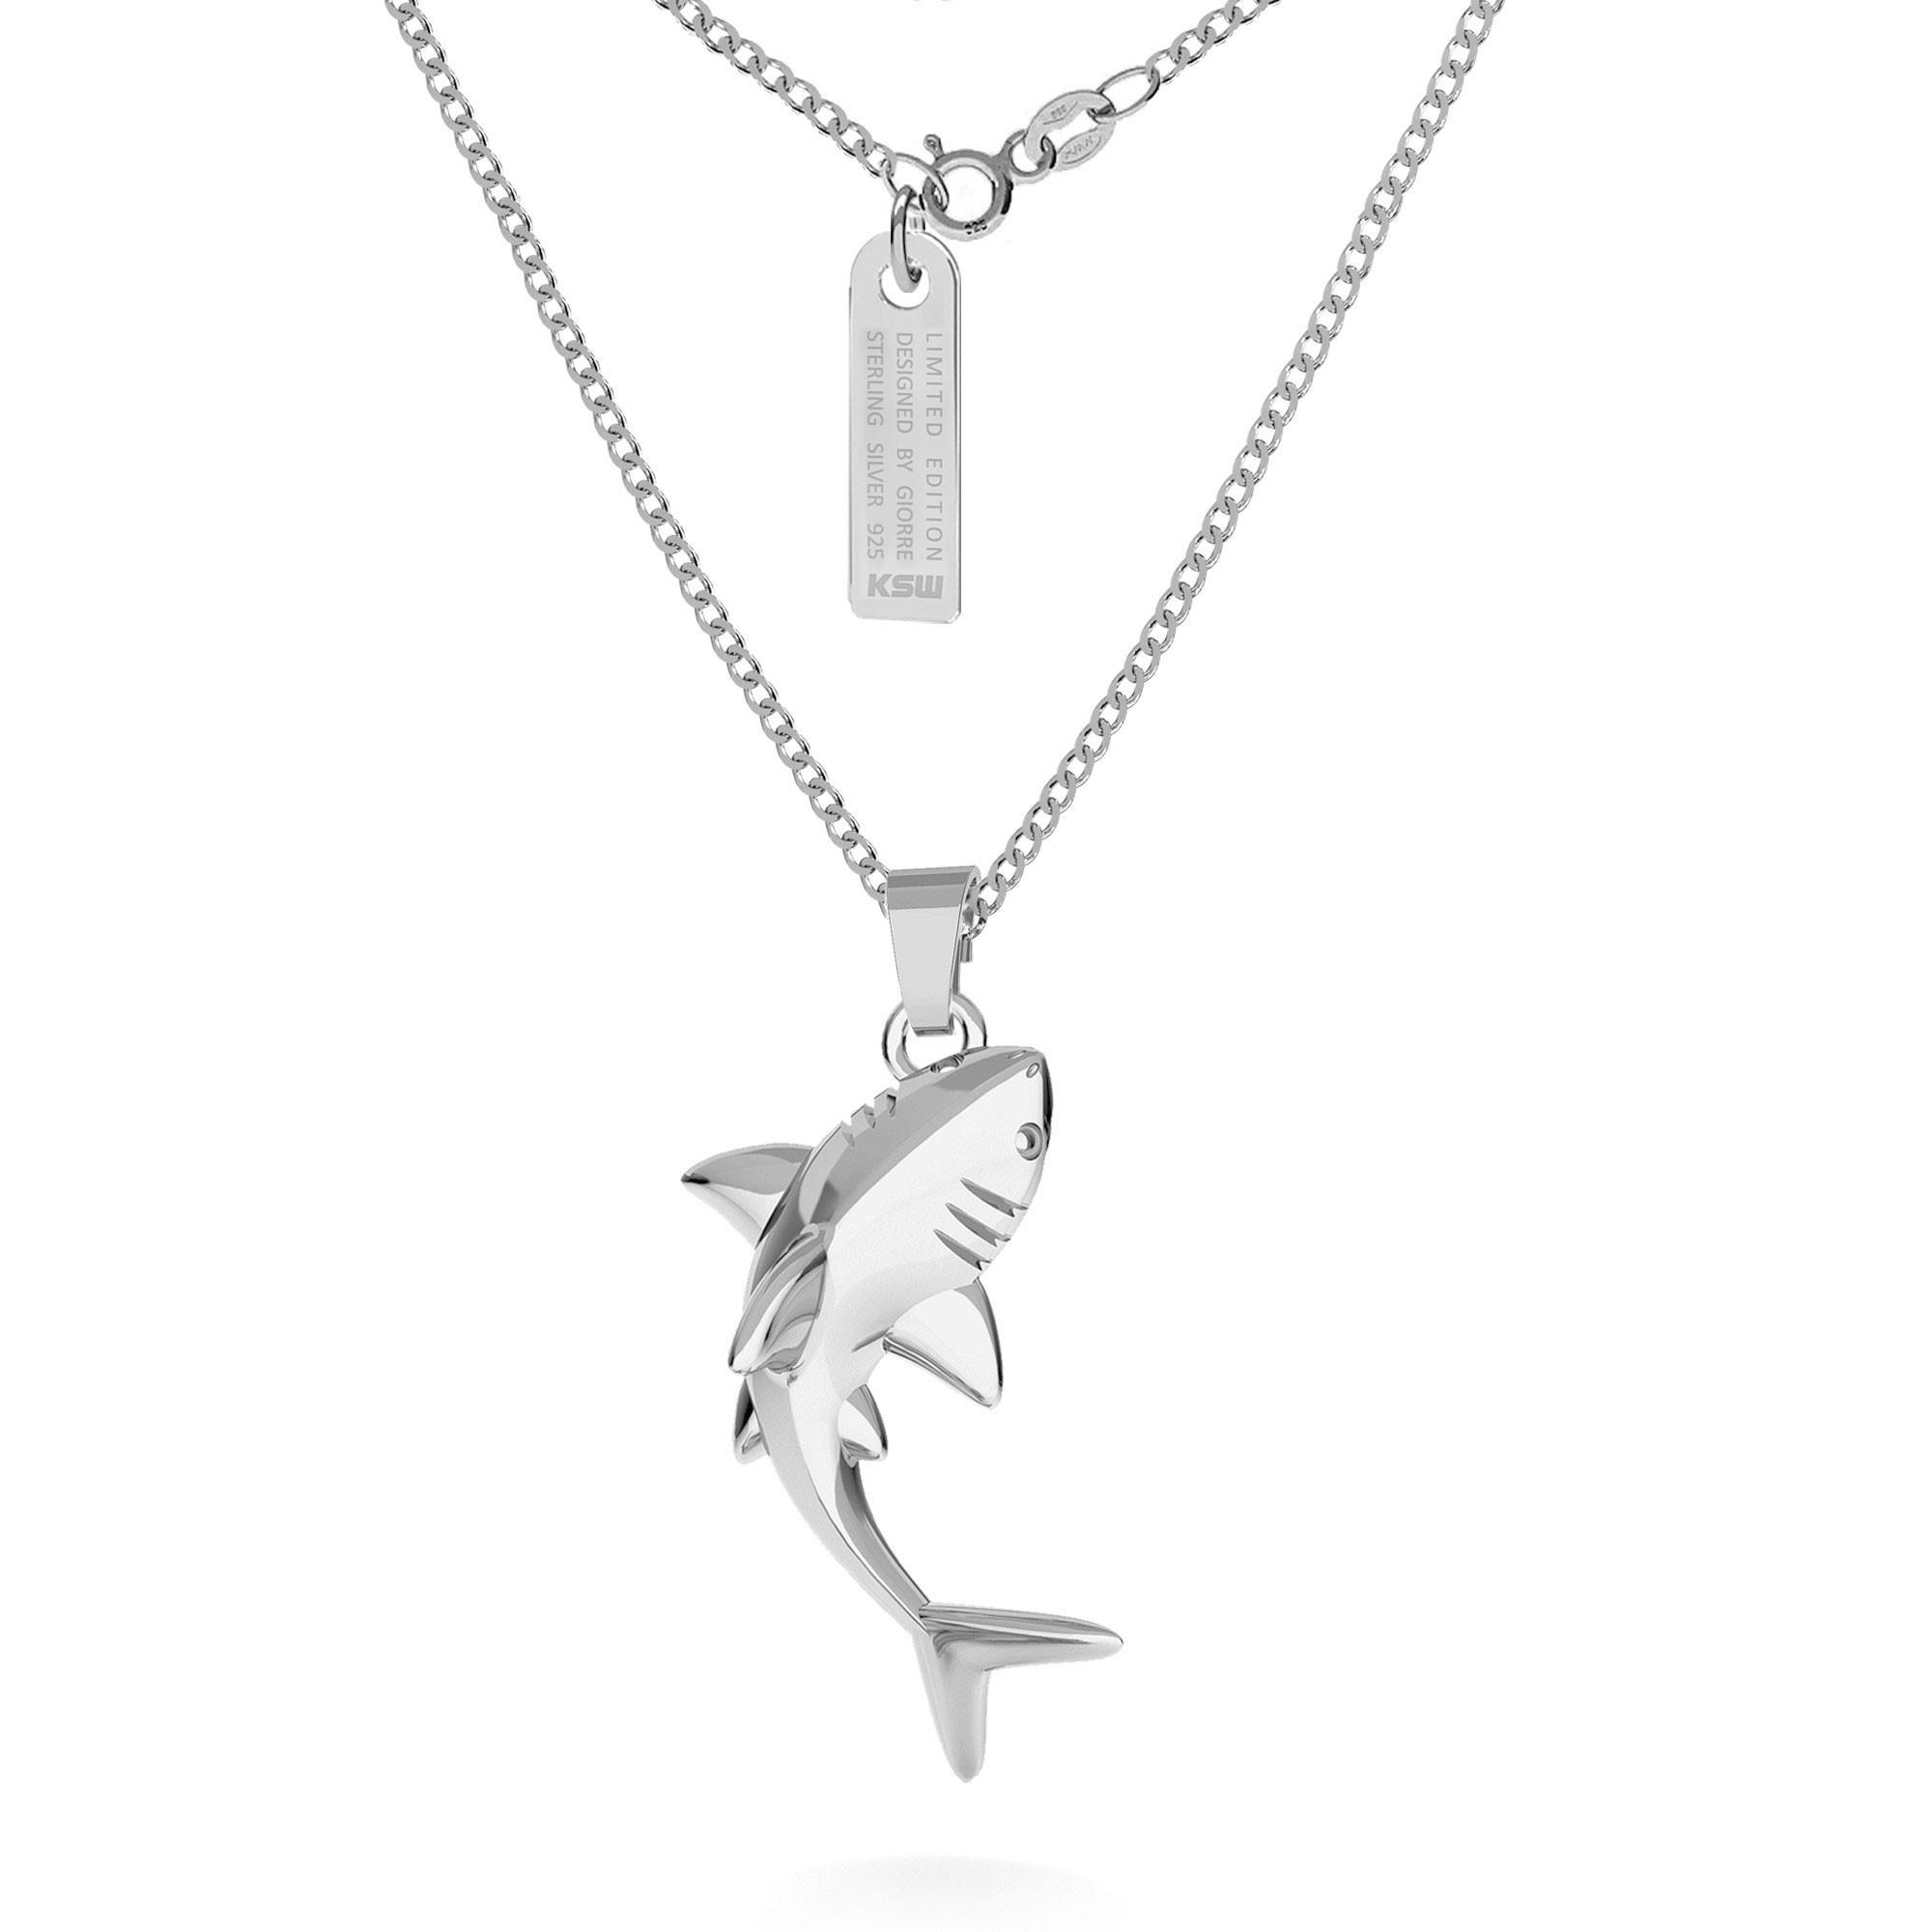 Srebrny naszyjnik rekin, łańcuszek pancerka, srebro 925